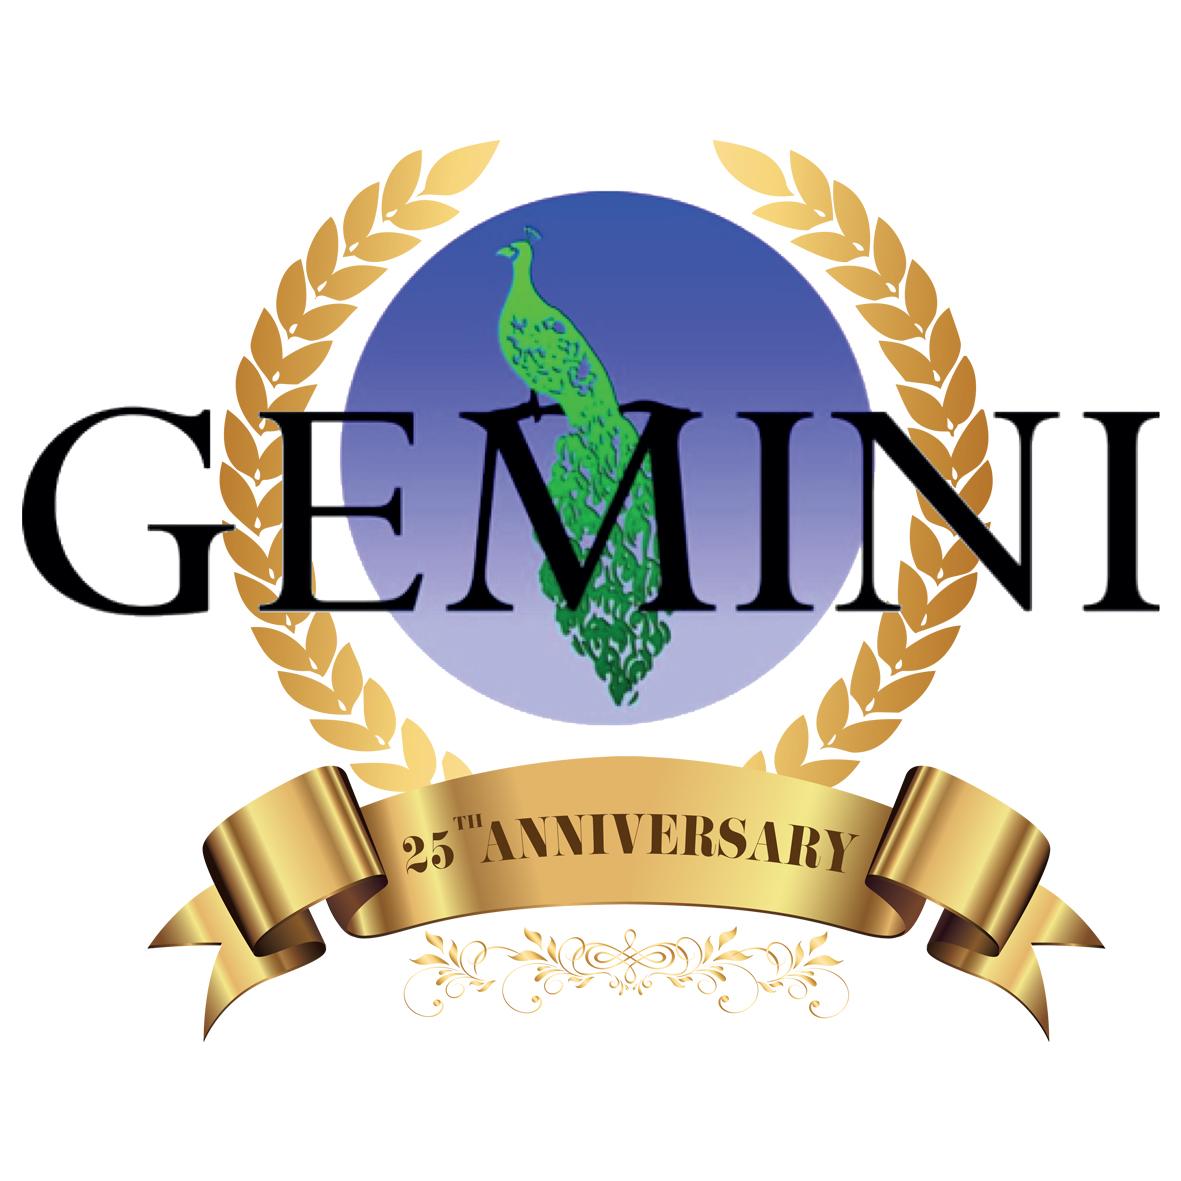 Goud Gemini